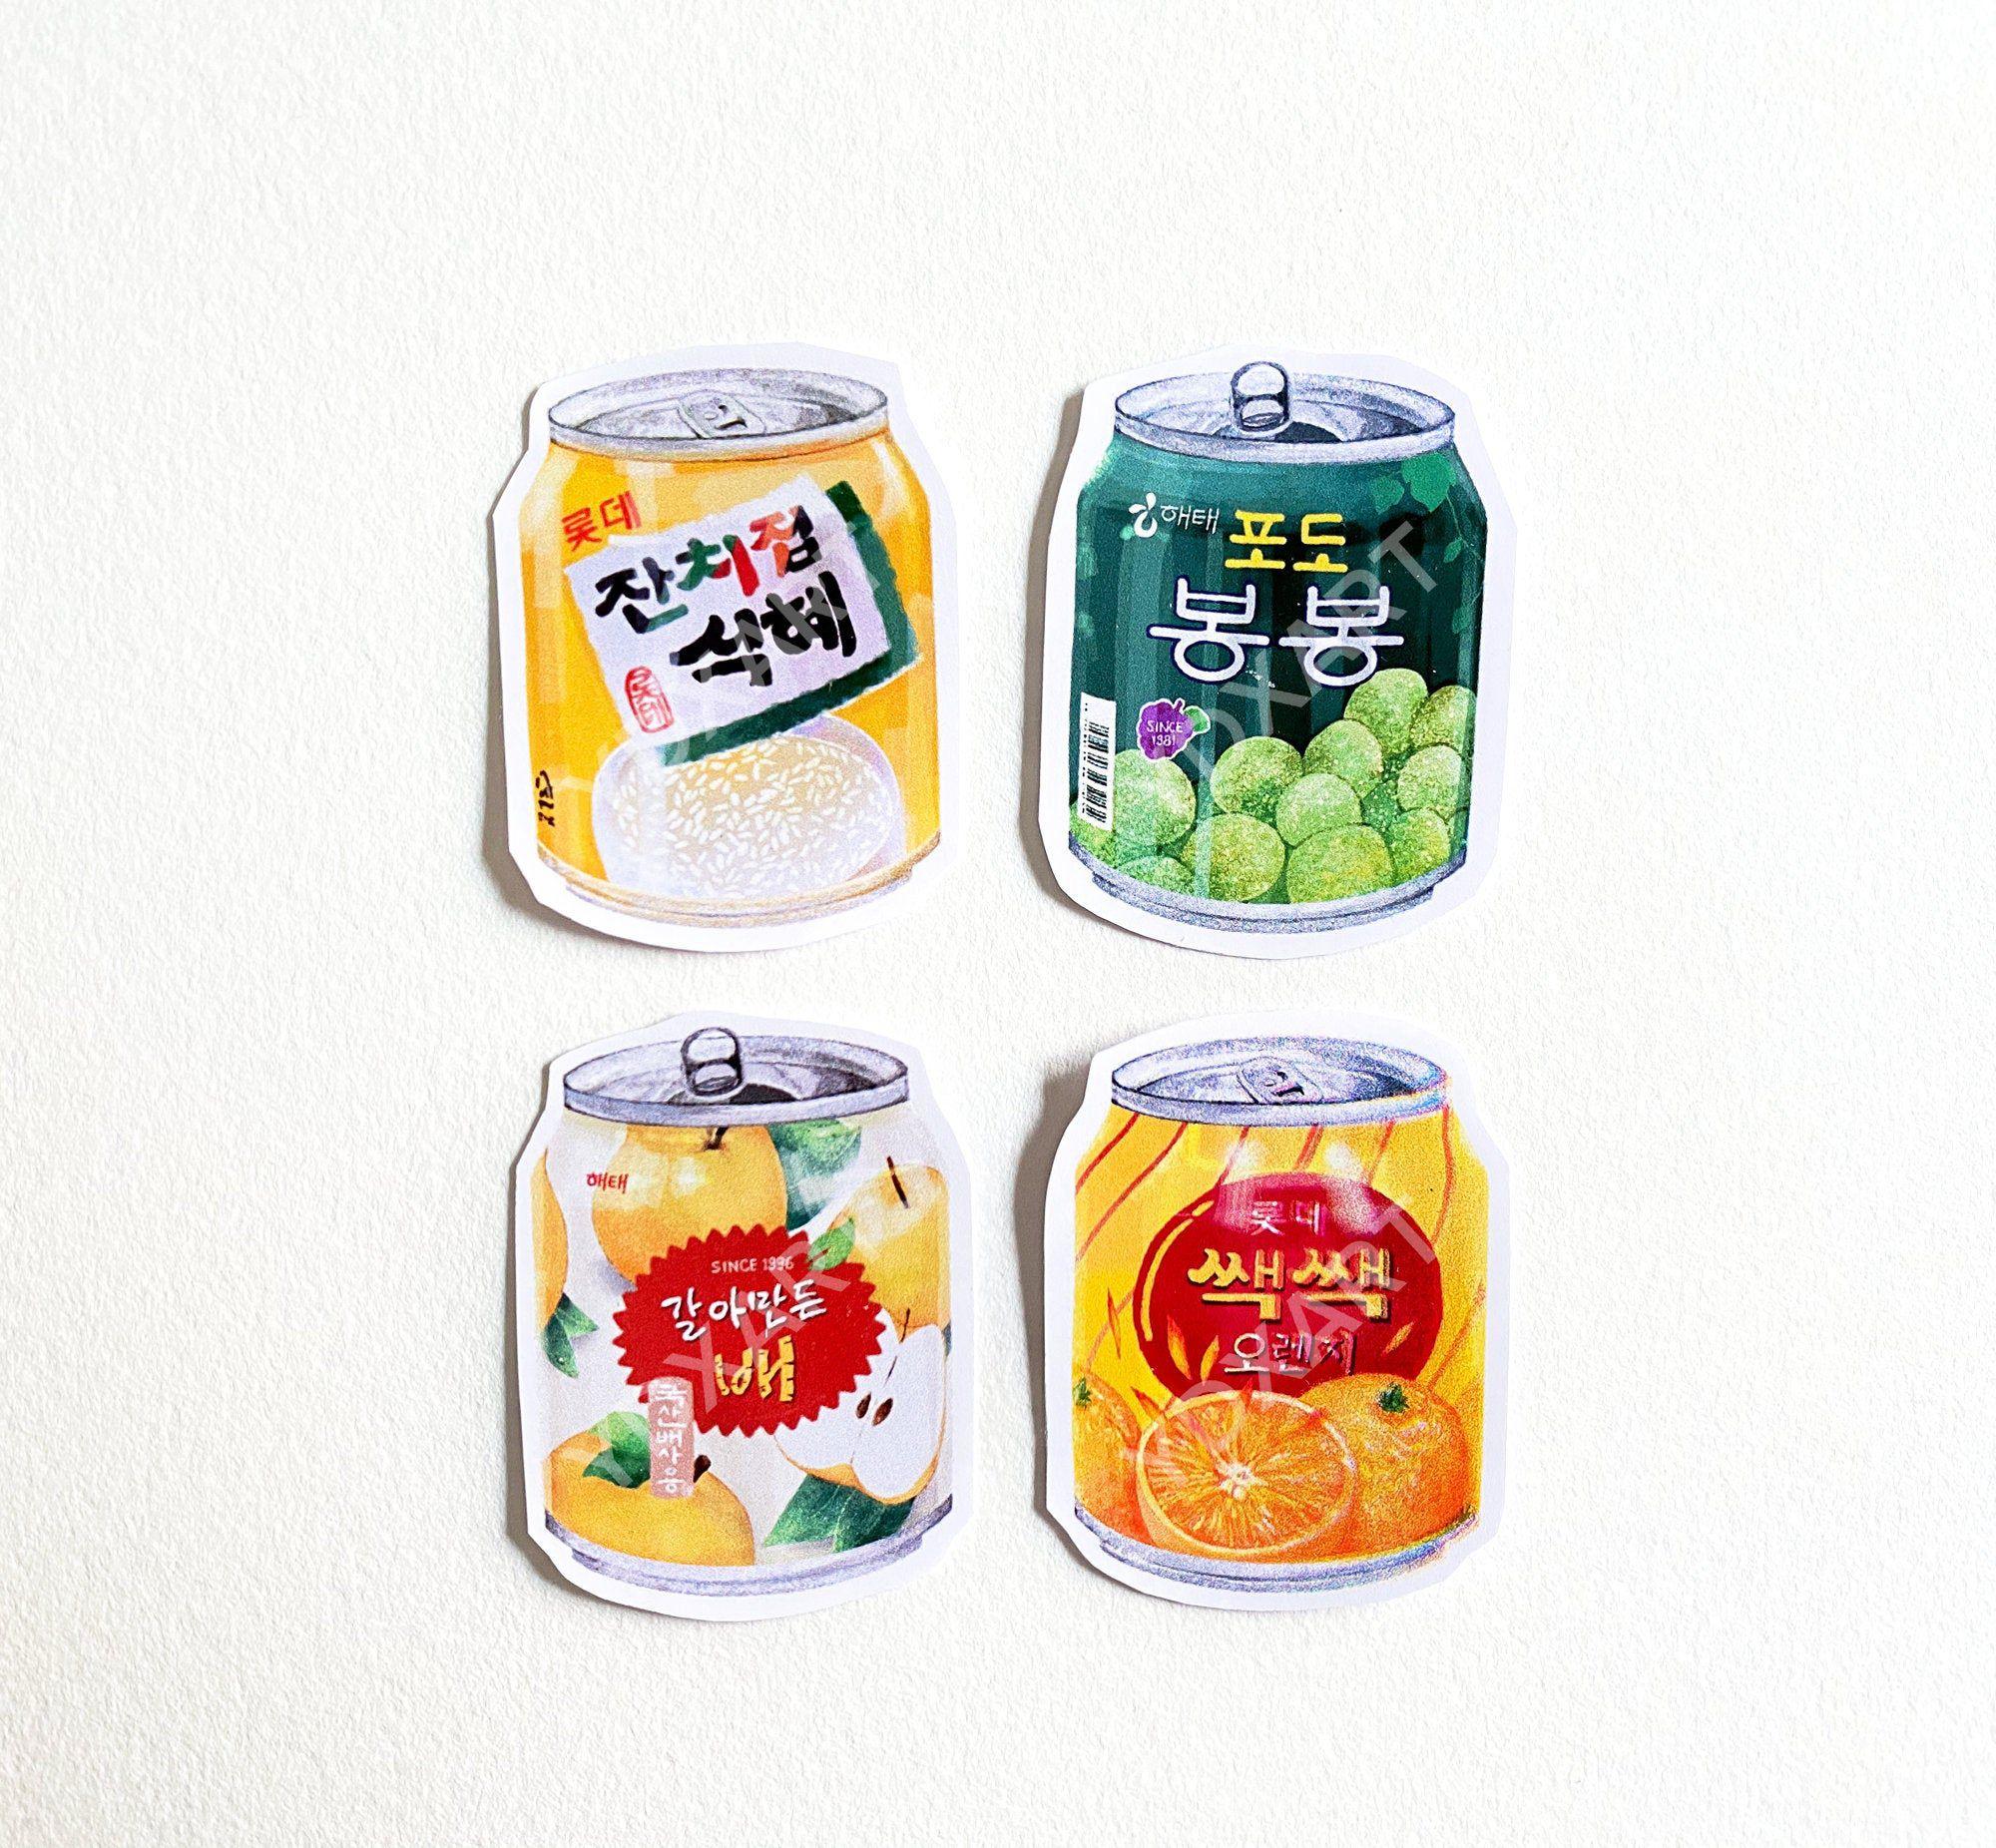 Vinyl Korean Drinks Stickers, Die Cut, Asian Food, Crafts, Scrapbooking, Cute Food, Planner Stickers, Bullet Journal, Laptop Stickers, Bujo